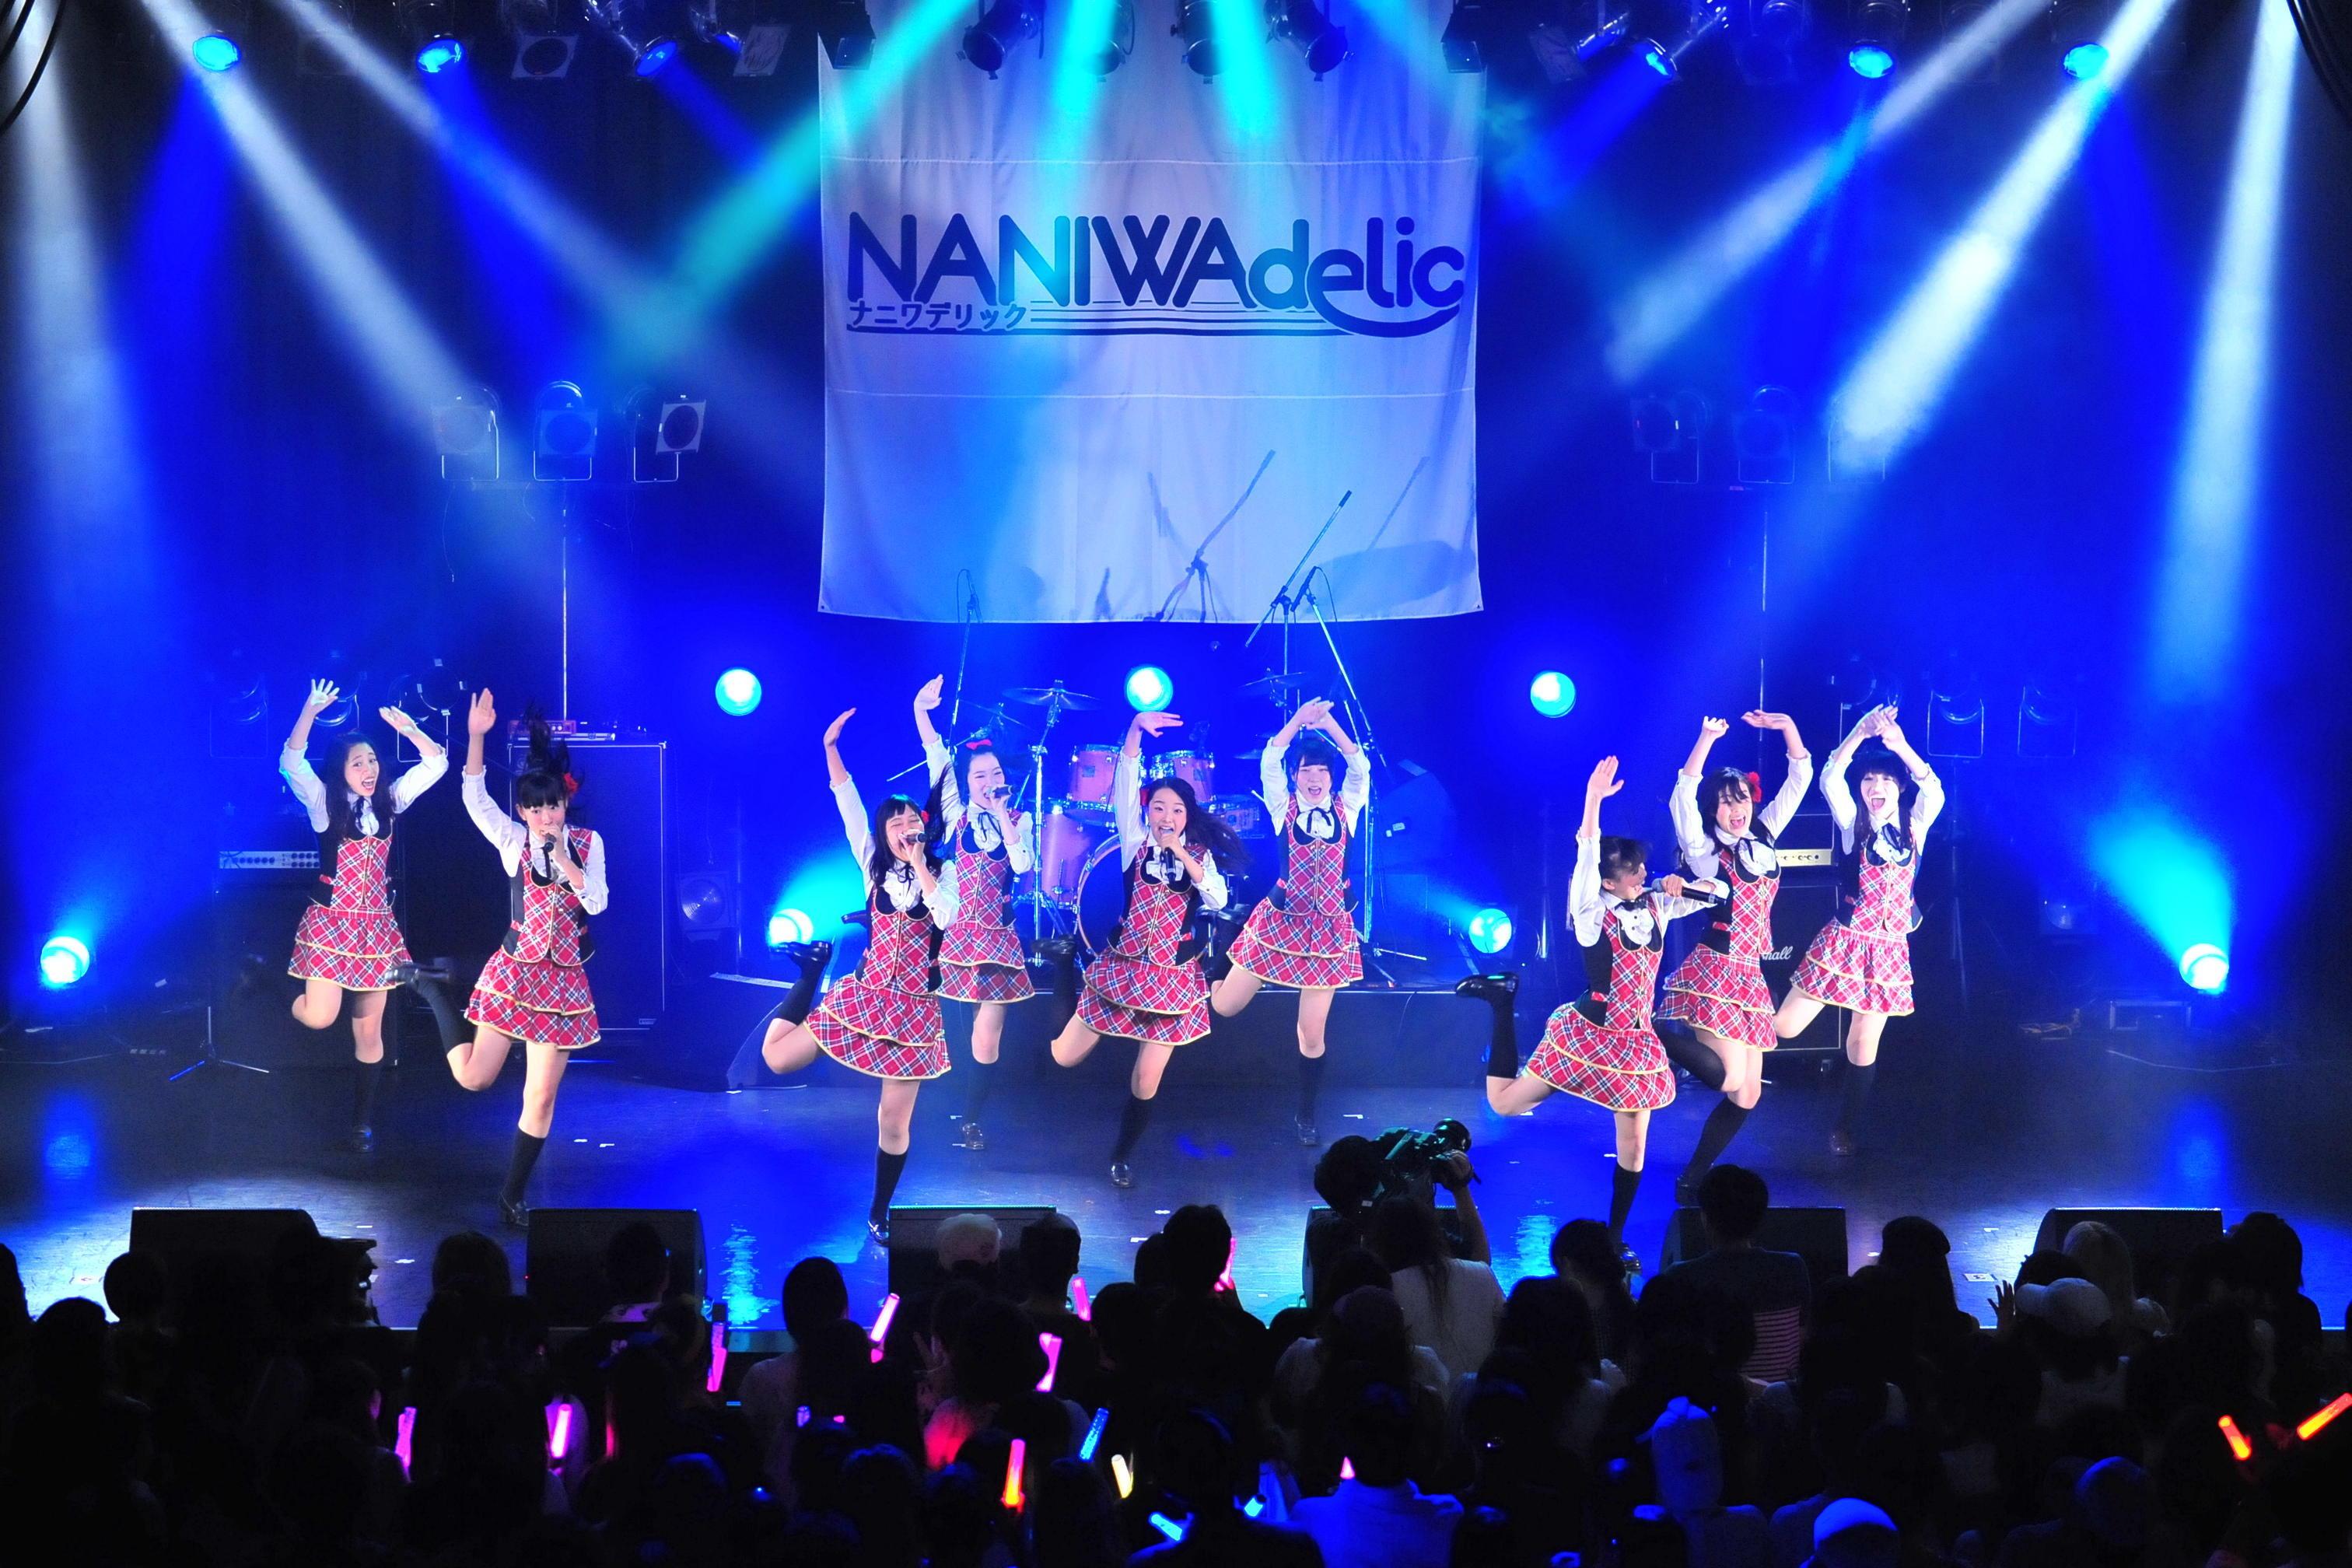 http://news.yoshimoto.co.jp/20160730195439-1db75e284a9215151fb06b637dea559a3432f3b1.jpg